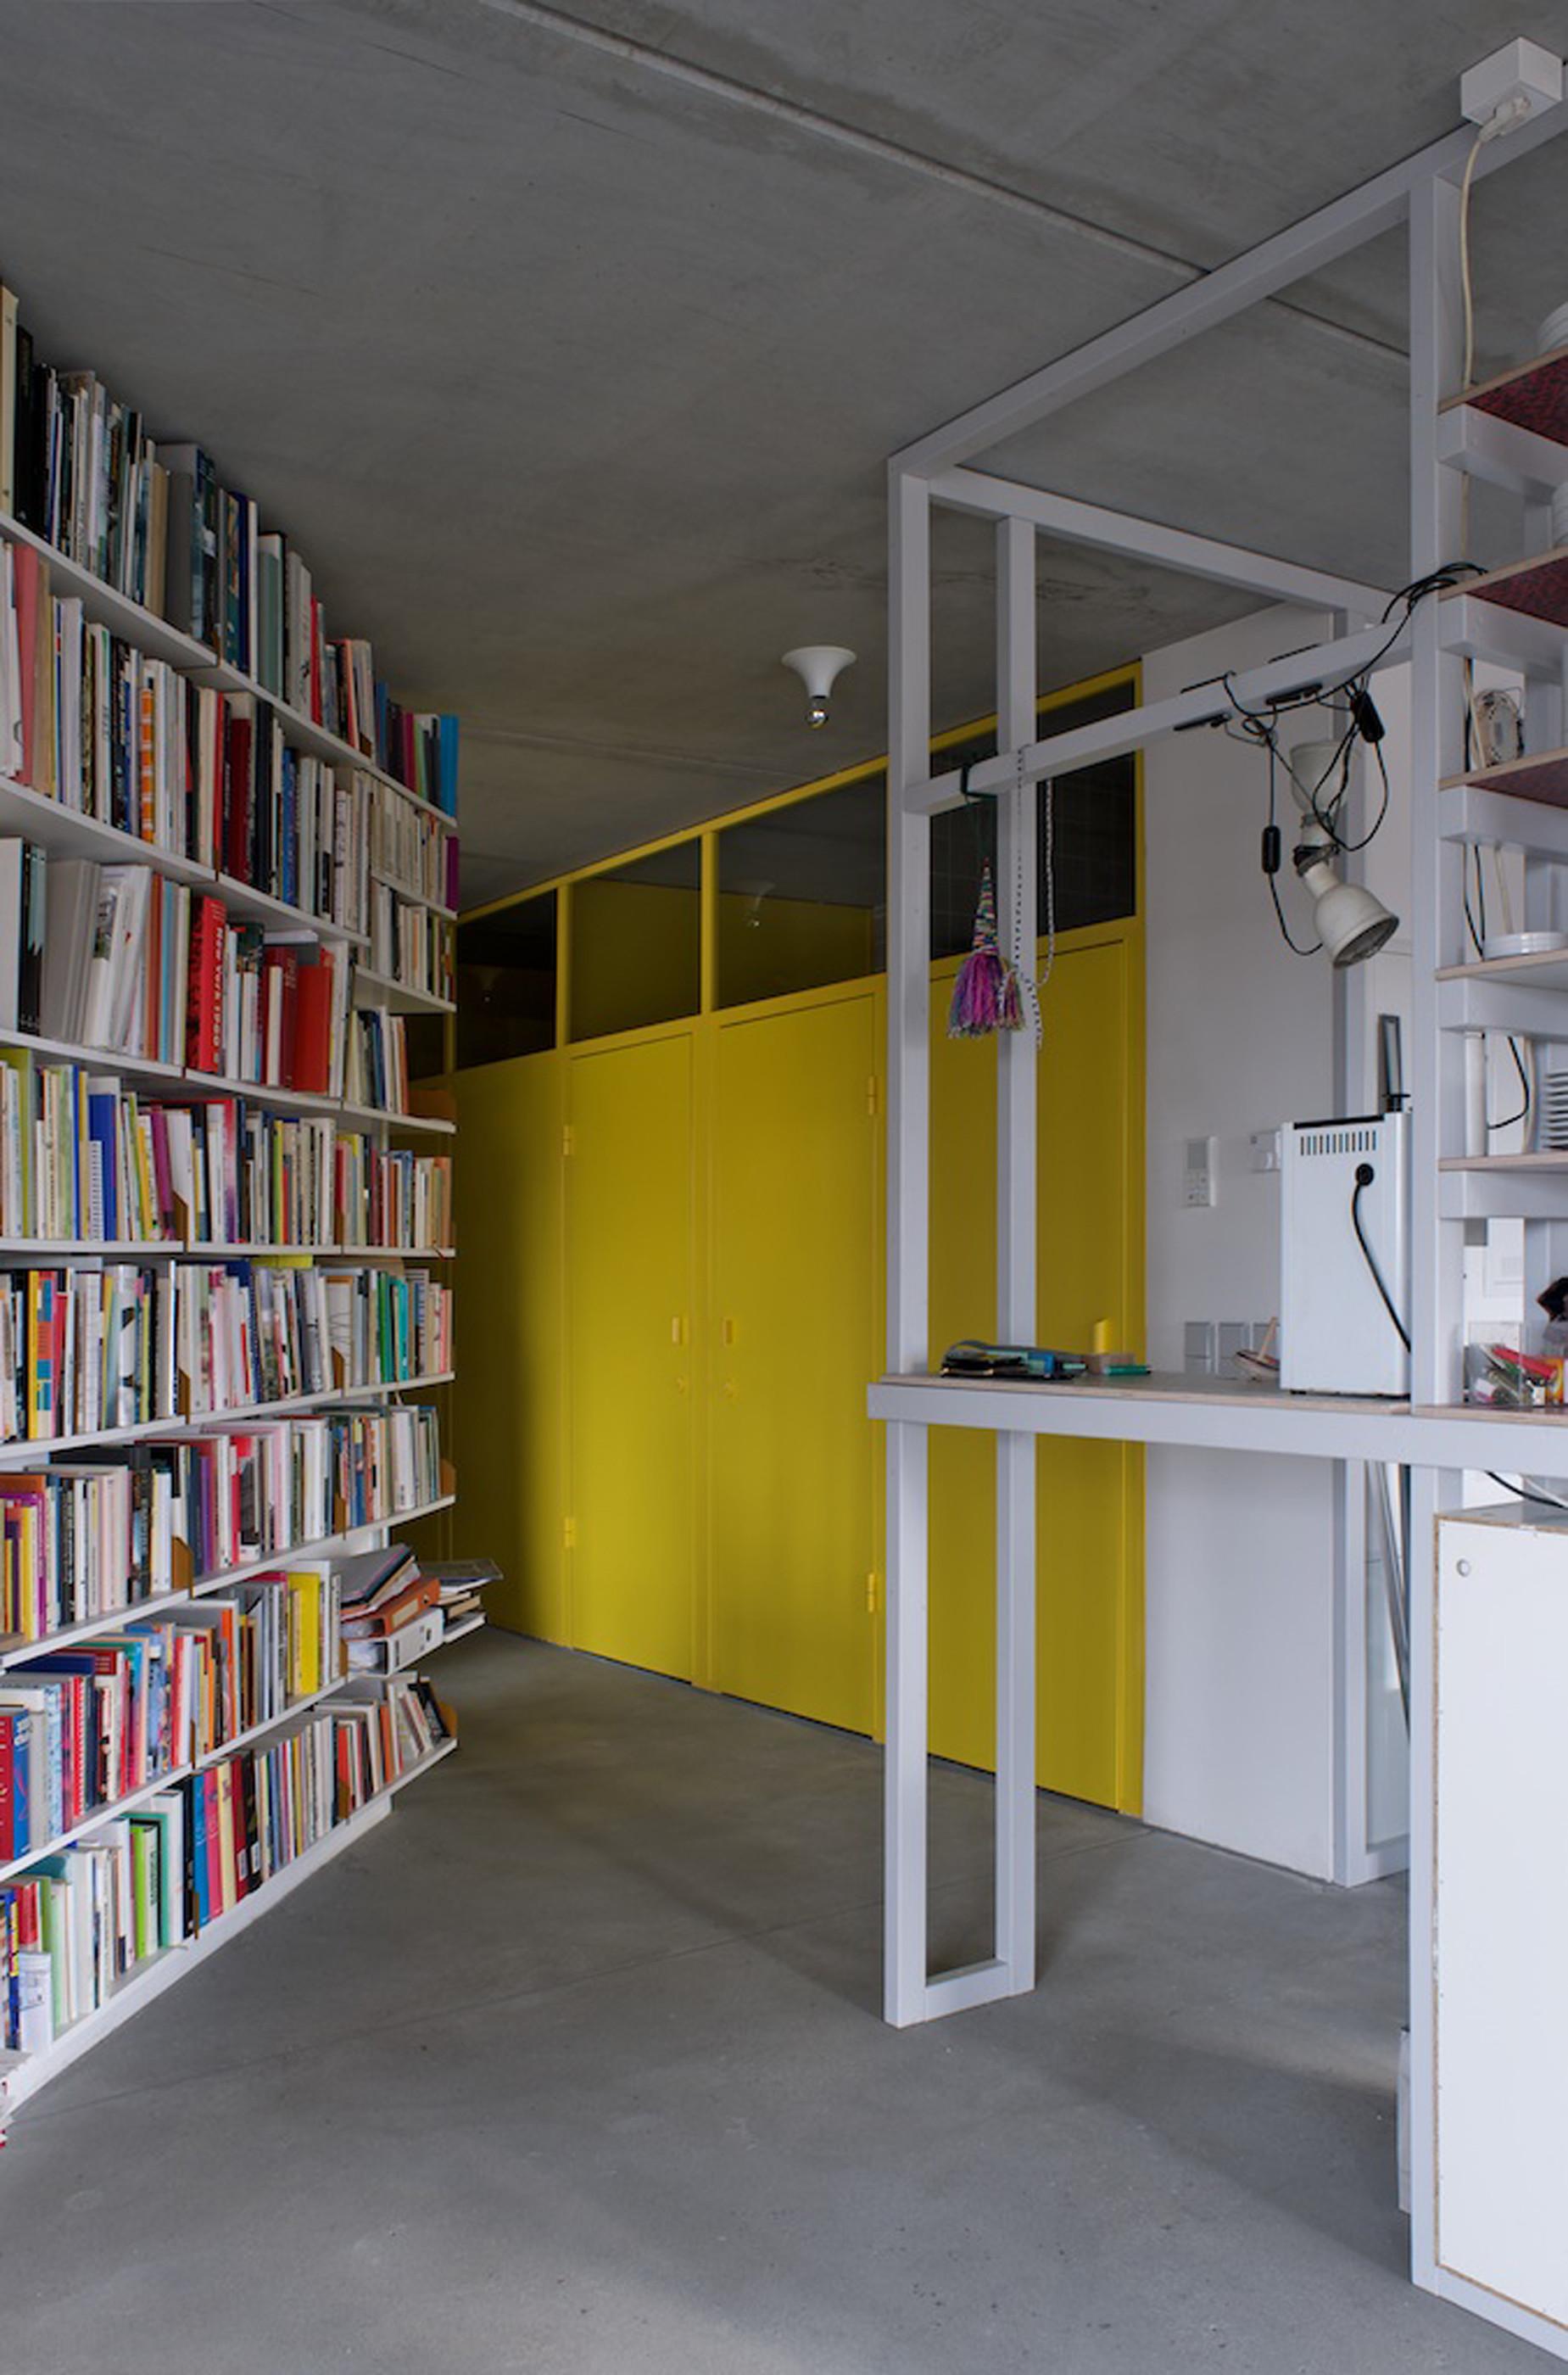 Heide Beckerath gallery of r50 cohousing ifau und jesko fezer heide